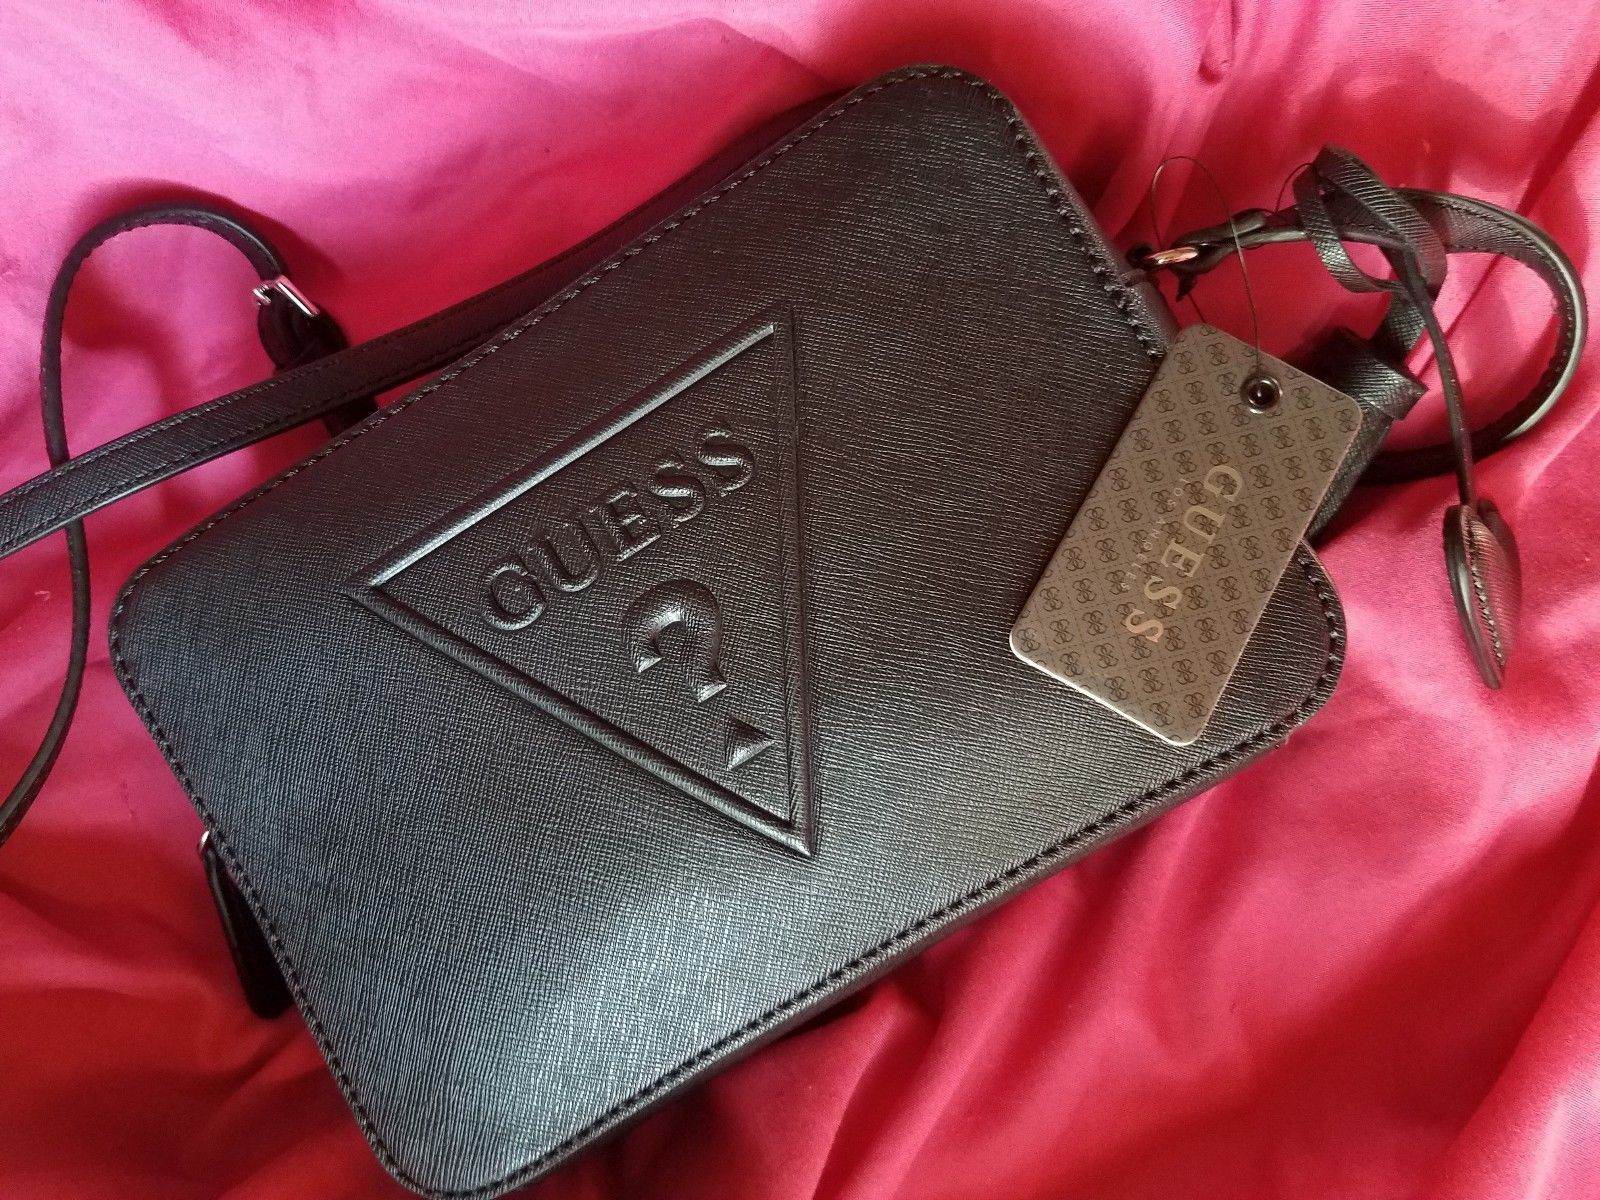 9bdfc5153b92 GUESS Black Embossed Logo Crossbody Bag Zip Top Baldwin Park Women s  Le637112